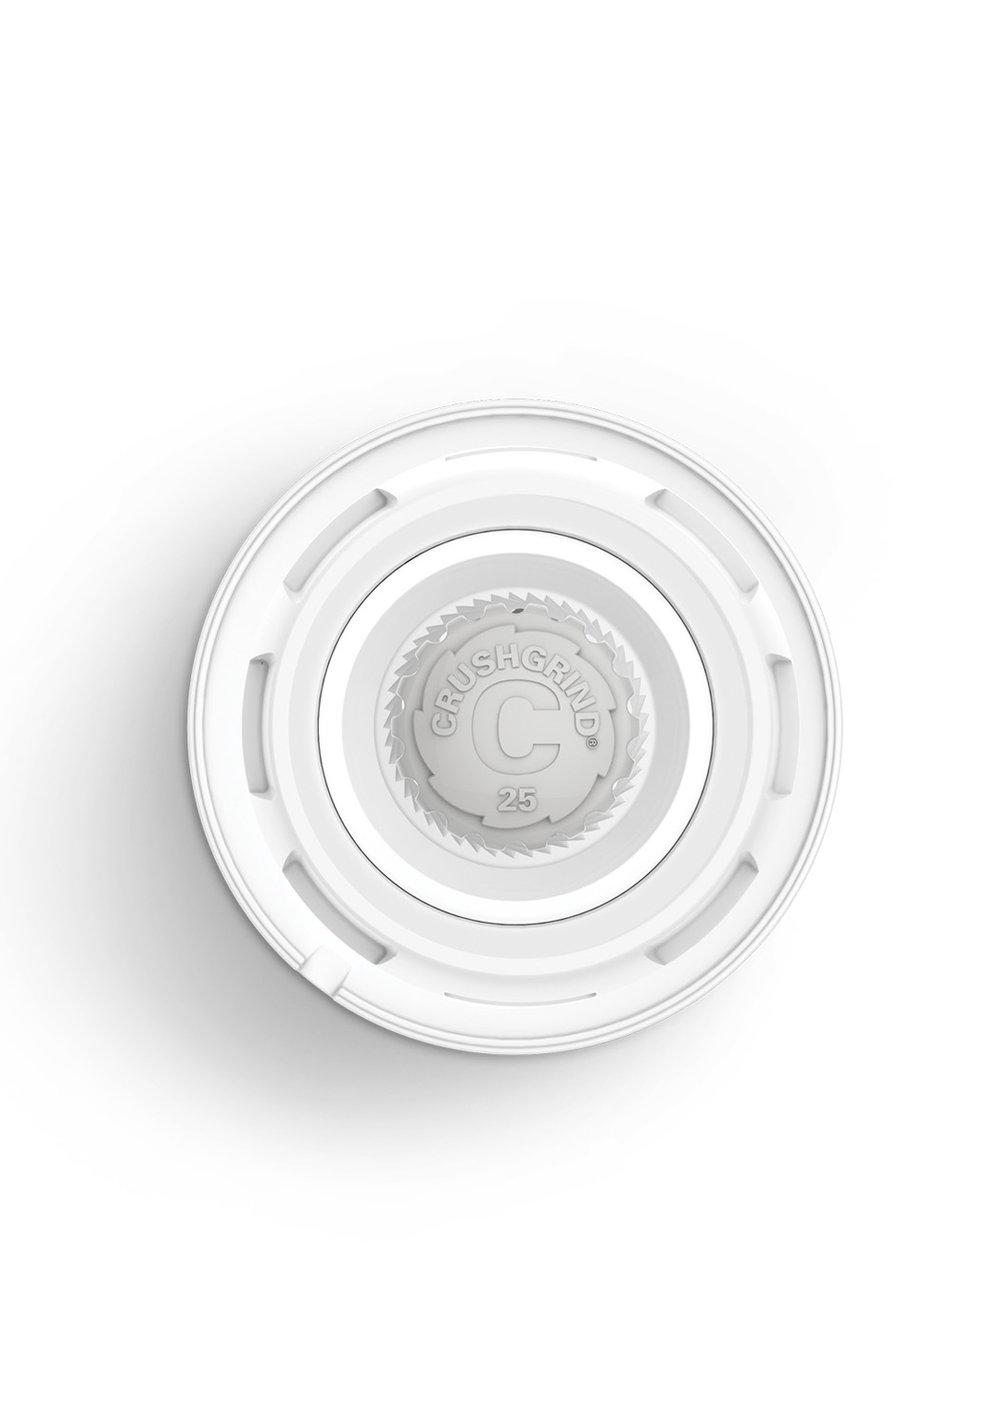 MéCANISME GARANTI 25 ANS - Tournez dans le sens des aiguilles d'une montre pour obtenir une mouture fine et dans le sens contraire des aiguilles d'une montre pour de plus gros grains.